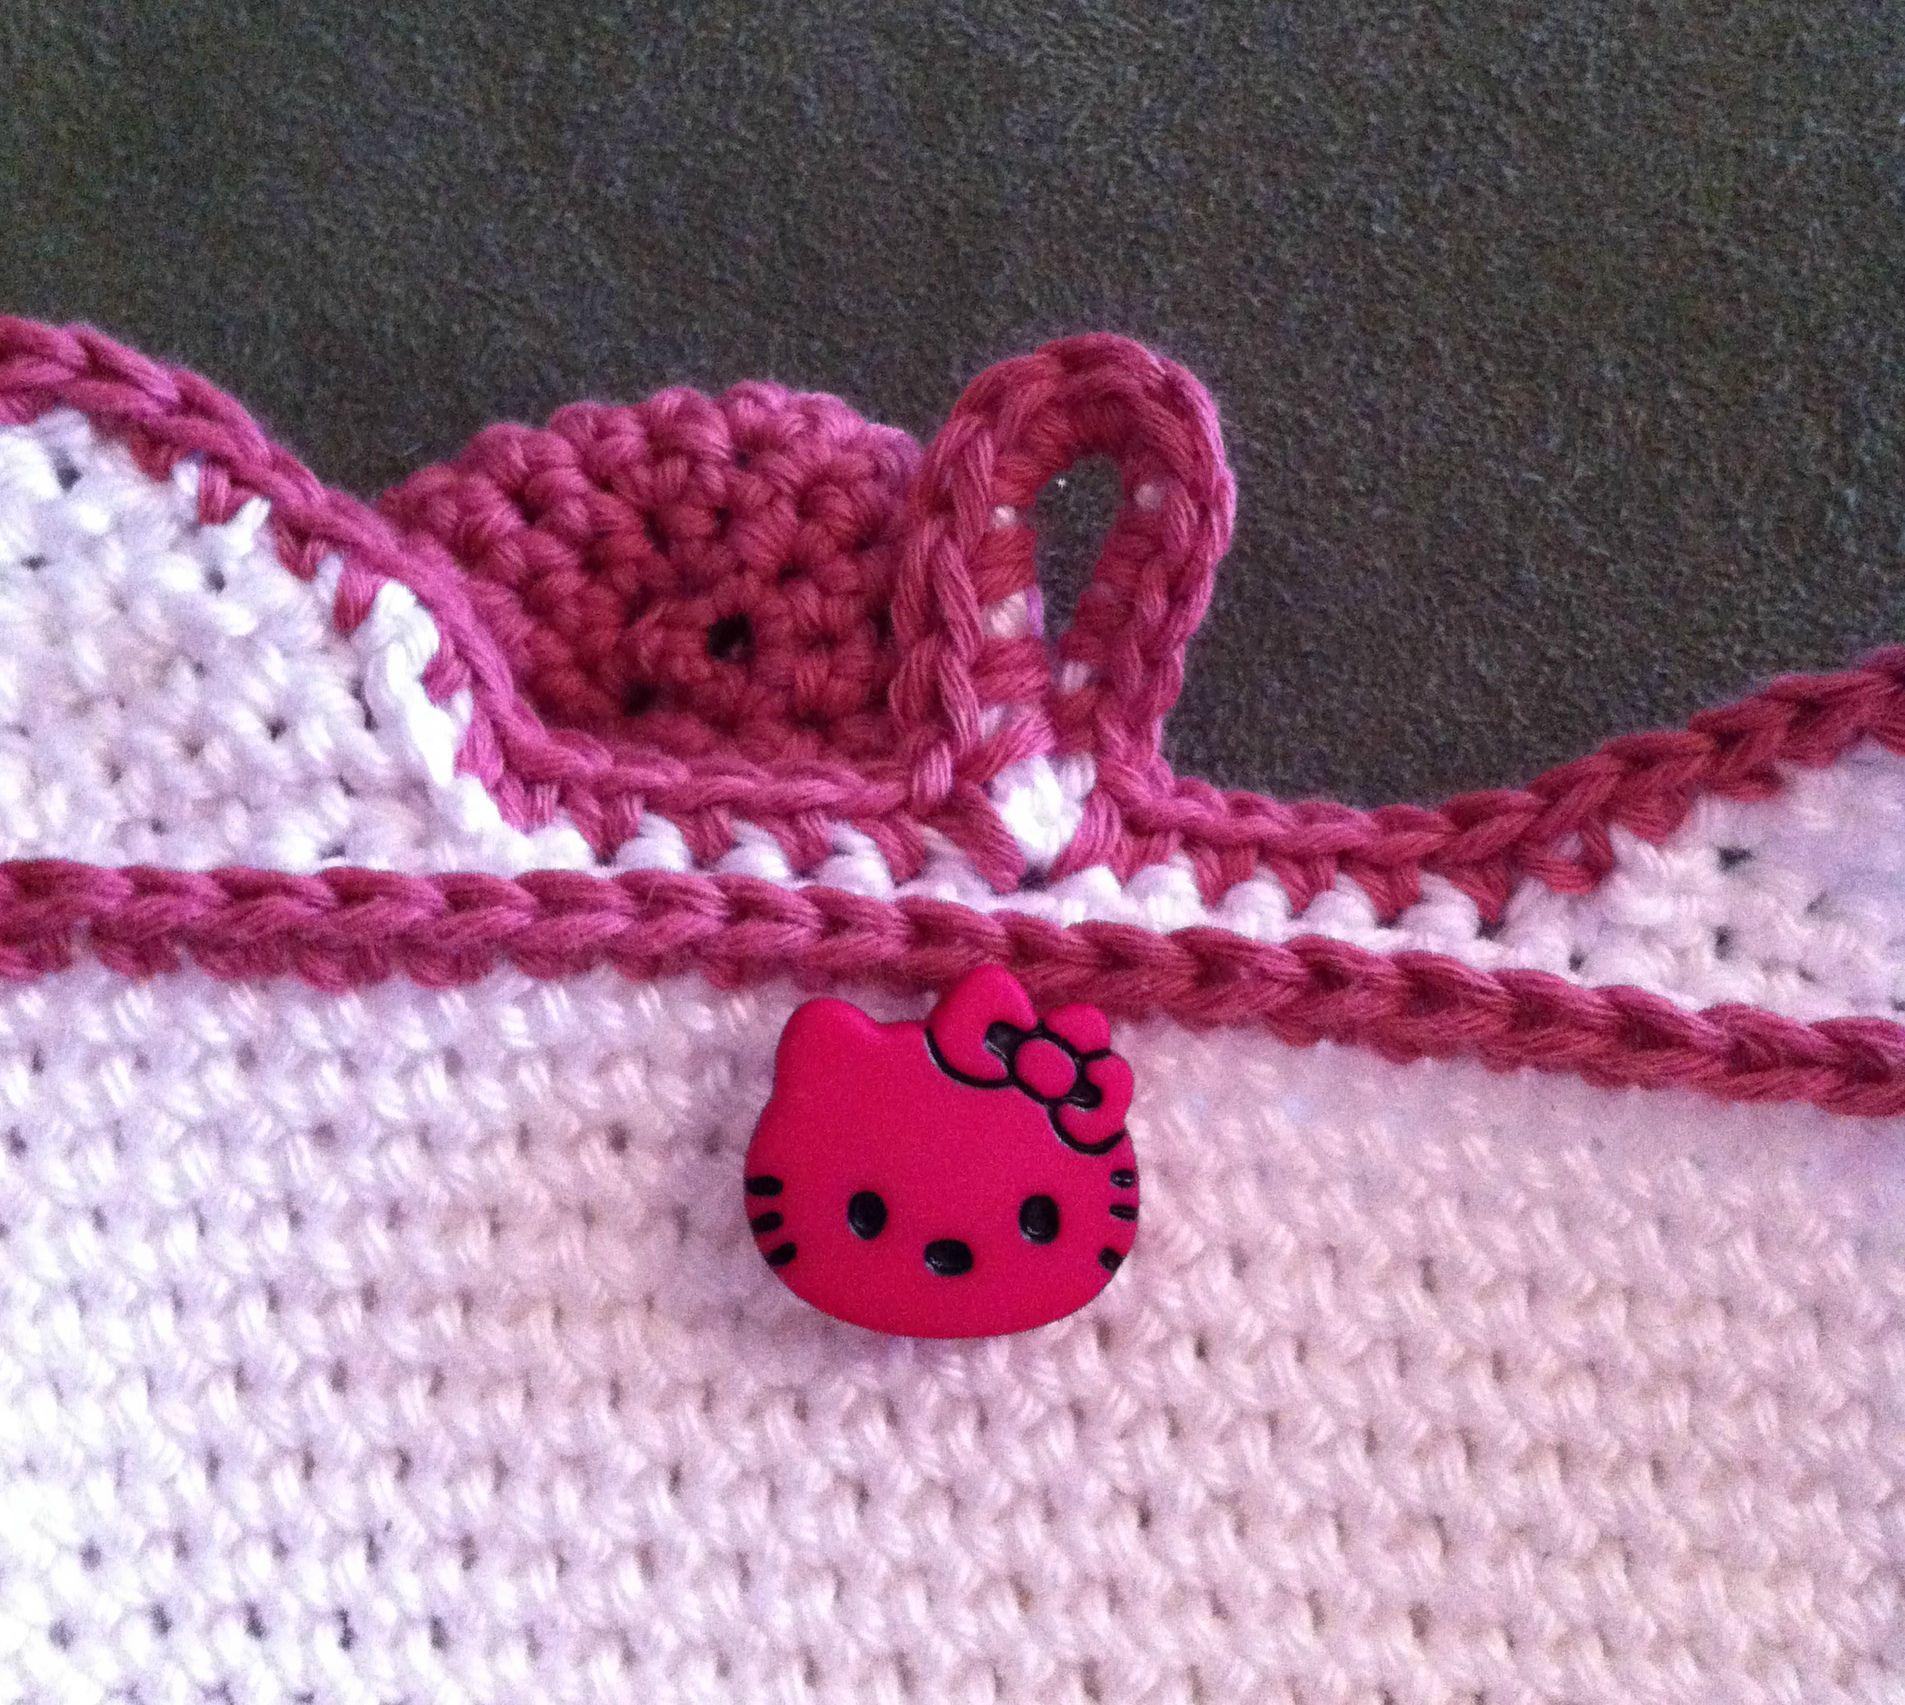 Sac Hello Kitty détails de l'arrière